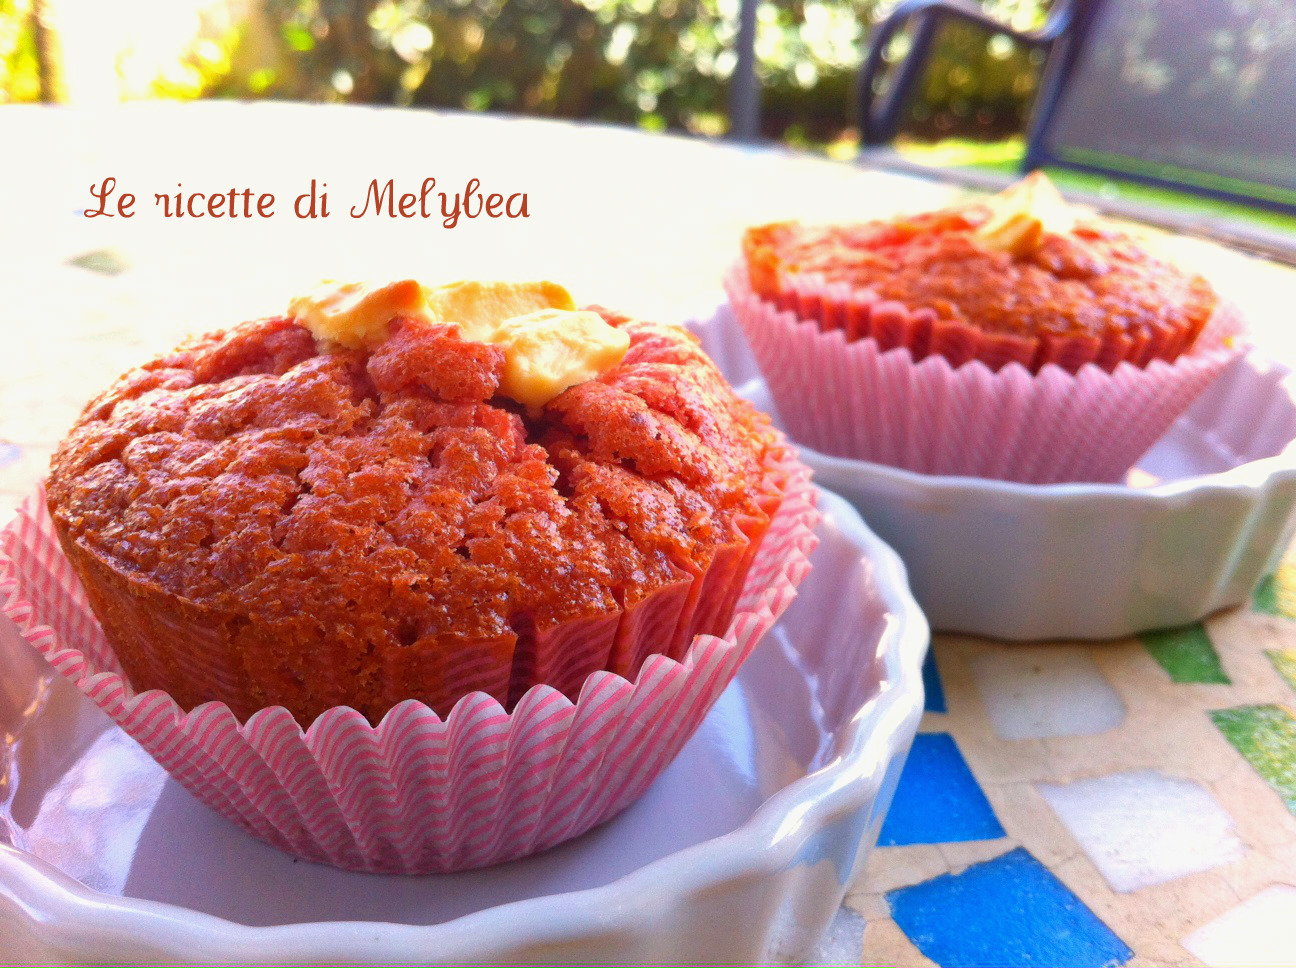 muffin alle fragole e cioccolato bianco ipiccy